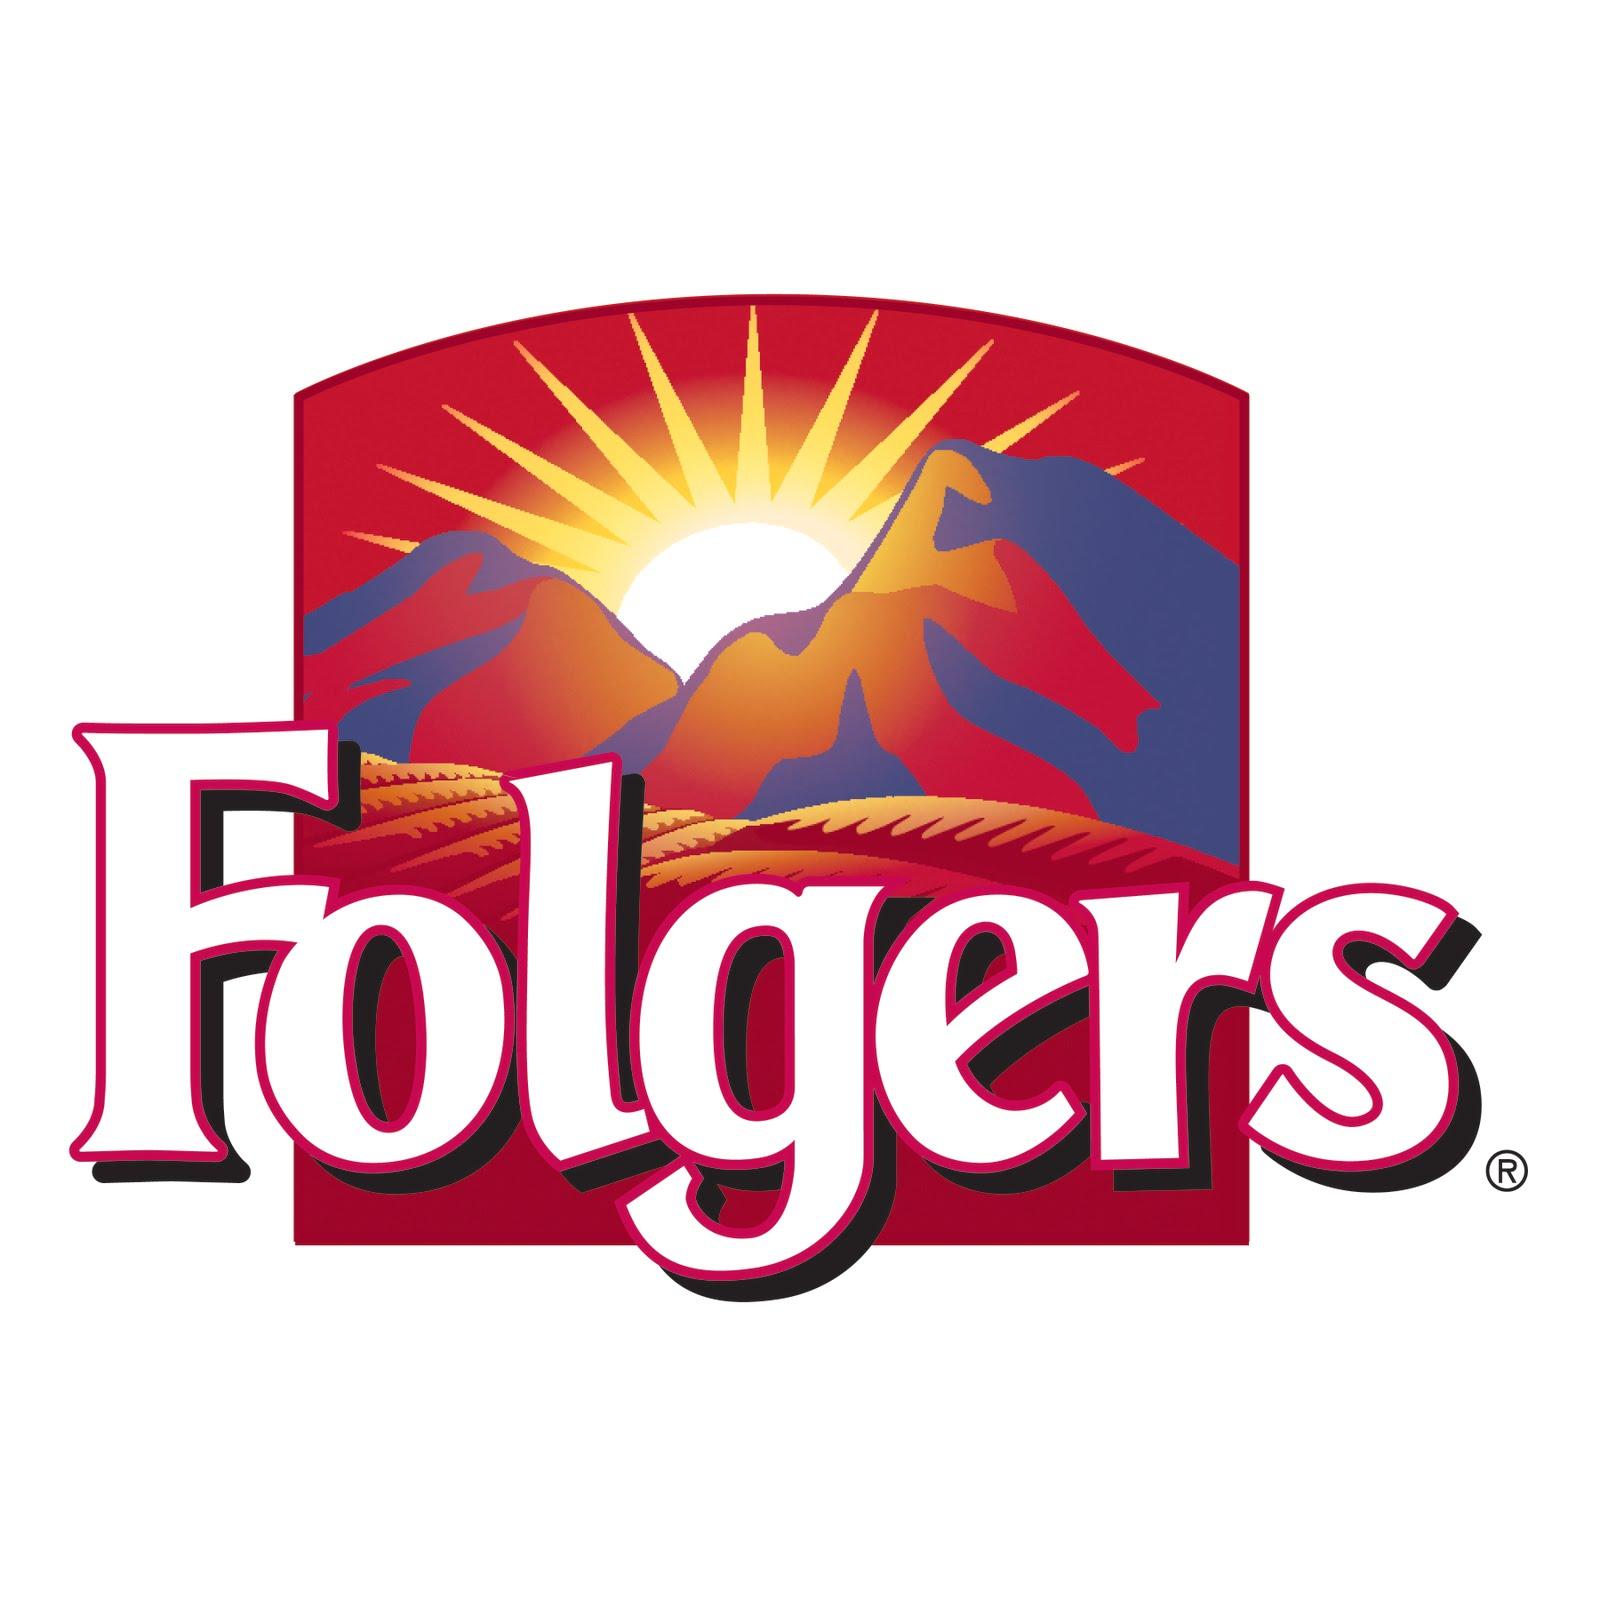 cafe folgers Folgers: 699 / ch 5 juil 18 11 juil 18: brunet circ - mag café moulu le choix du président 875 g: le choix du président 699.